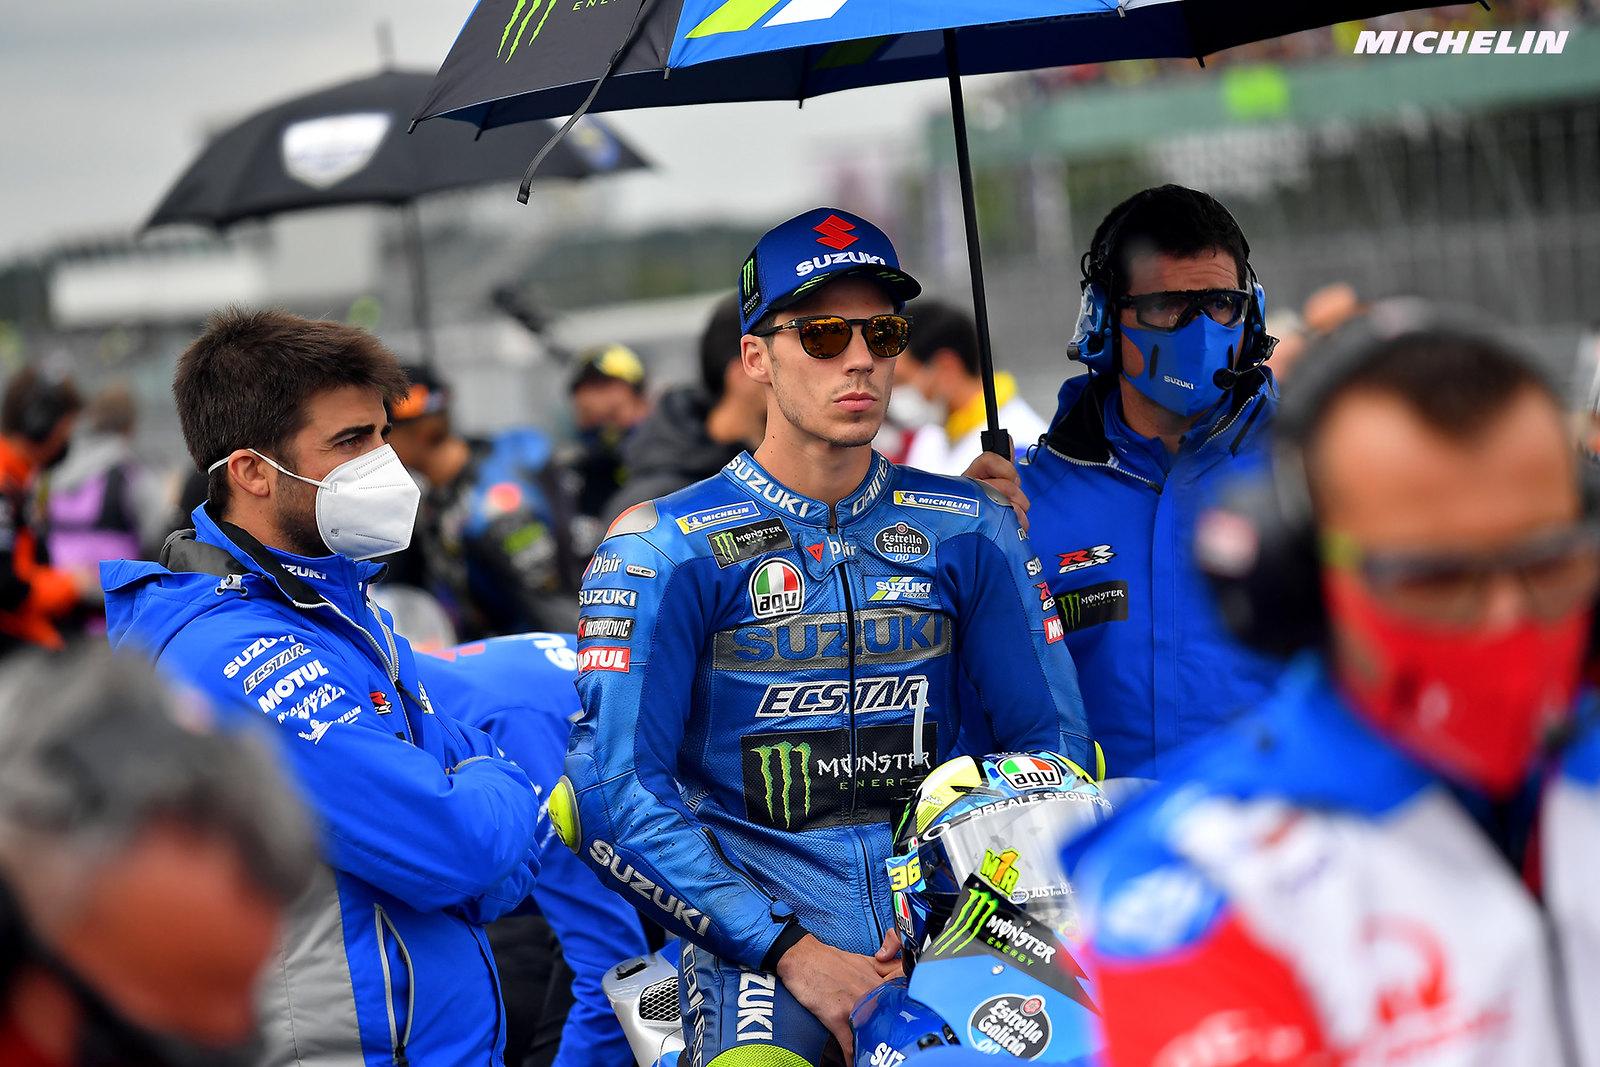 MotoGP2021イギリスGP 9位ジョアン・ミル「終盤はタイヤが終わってしまって何も出来なかった」